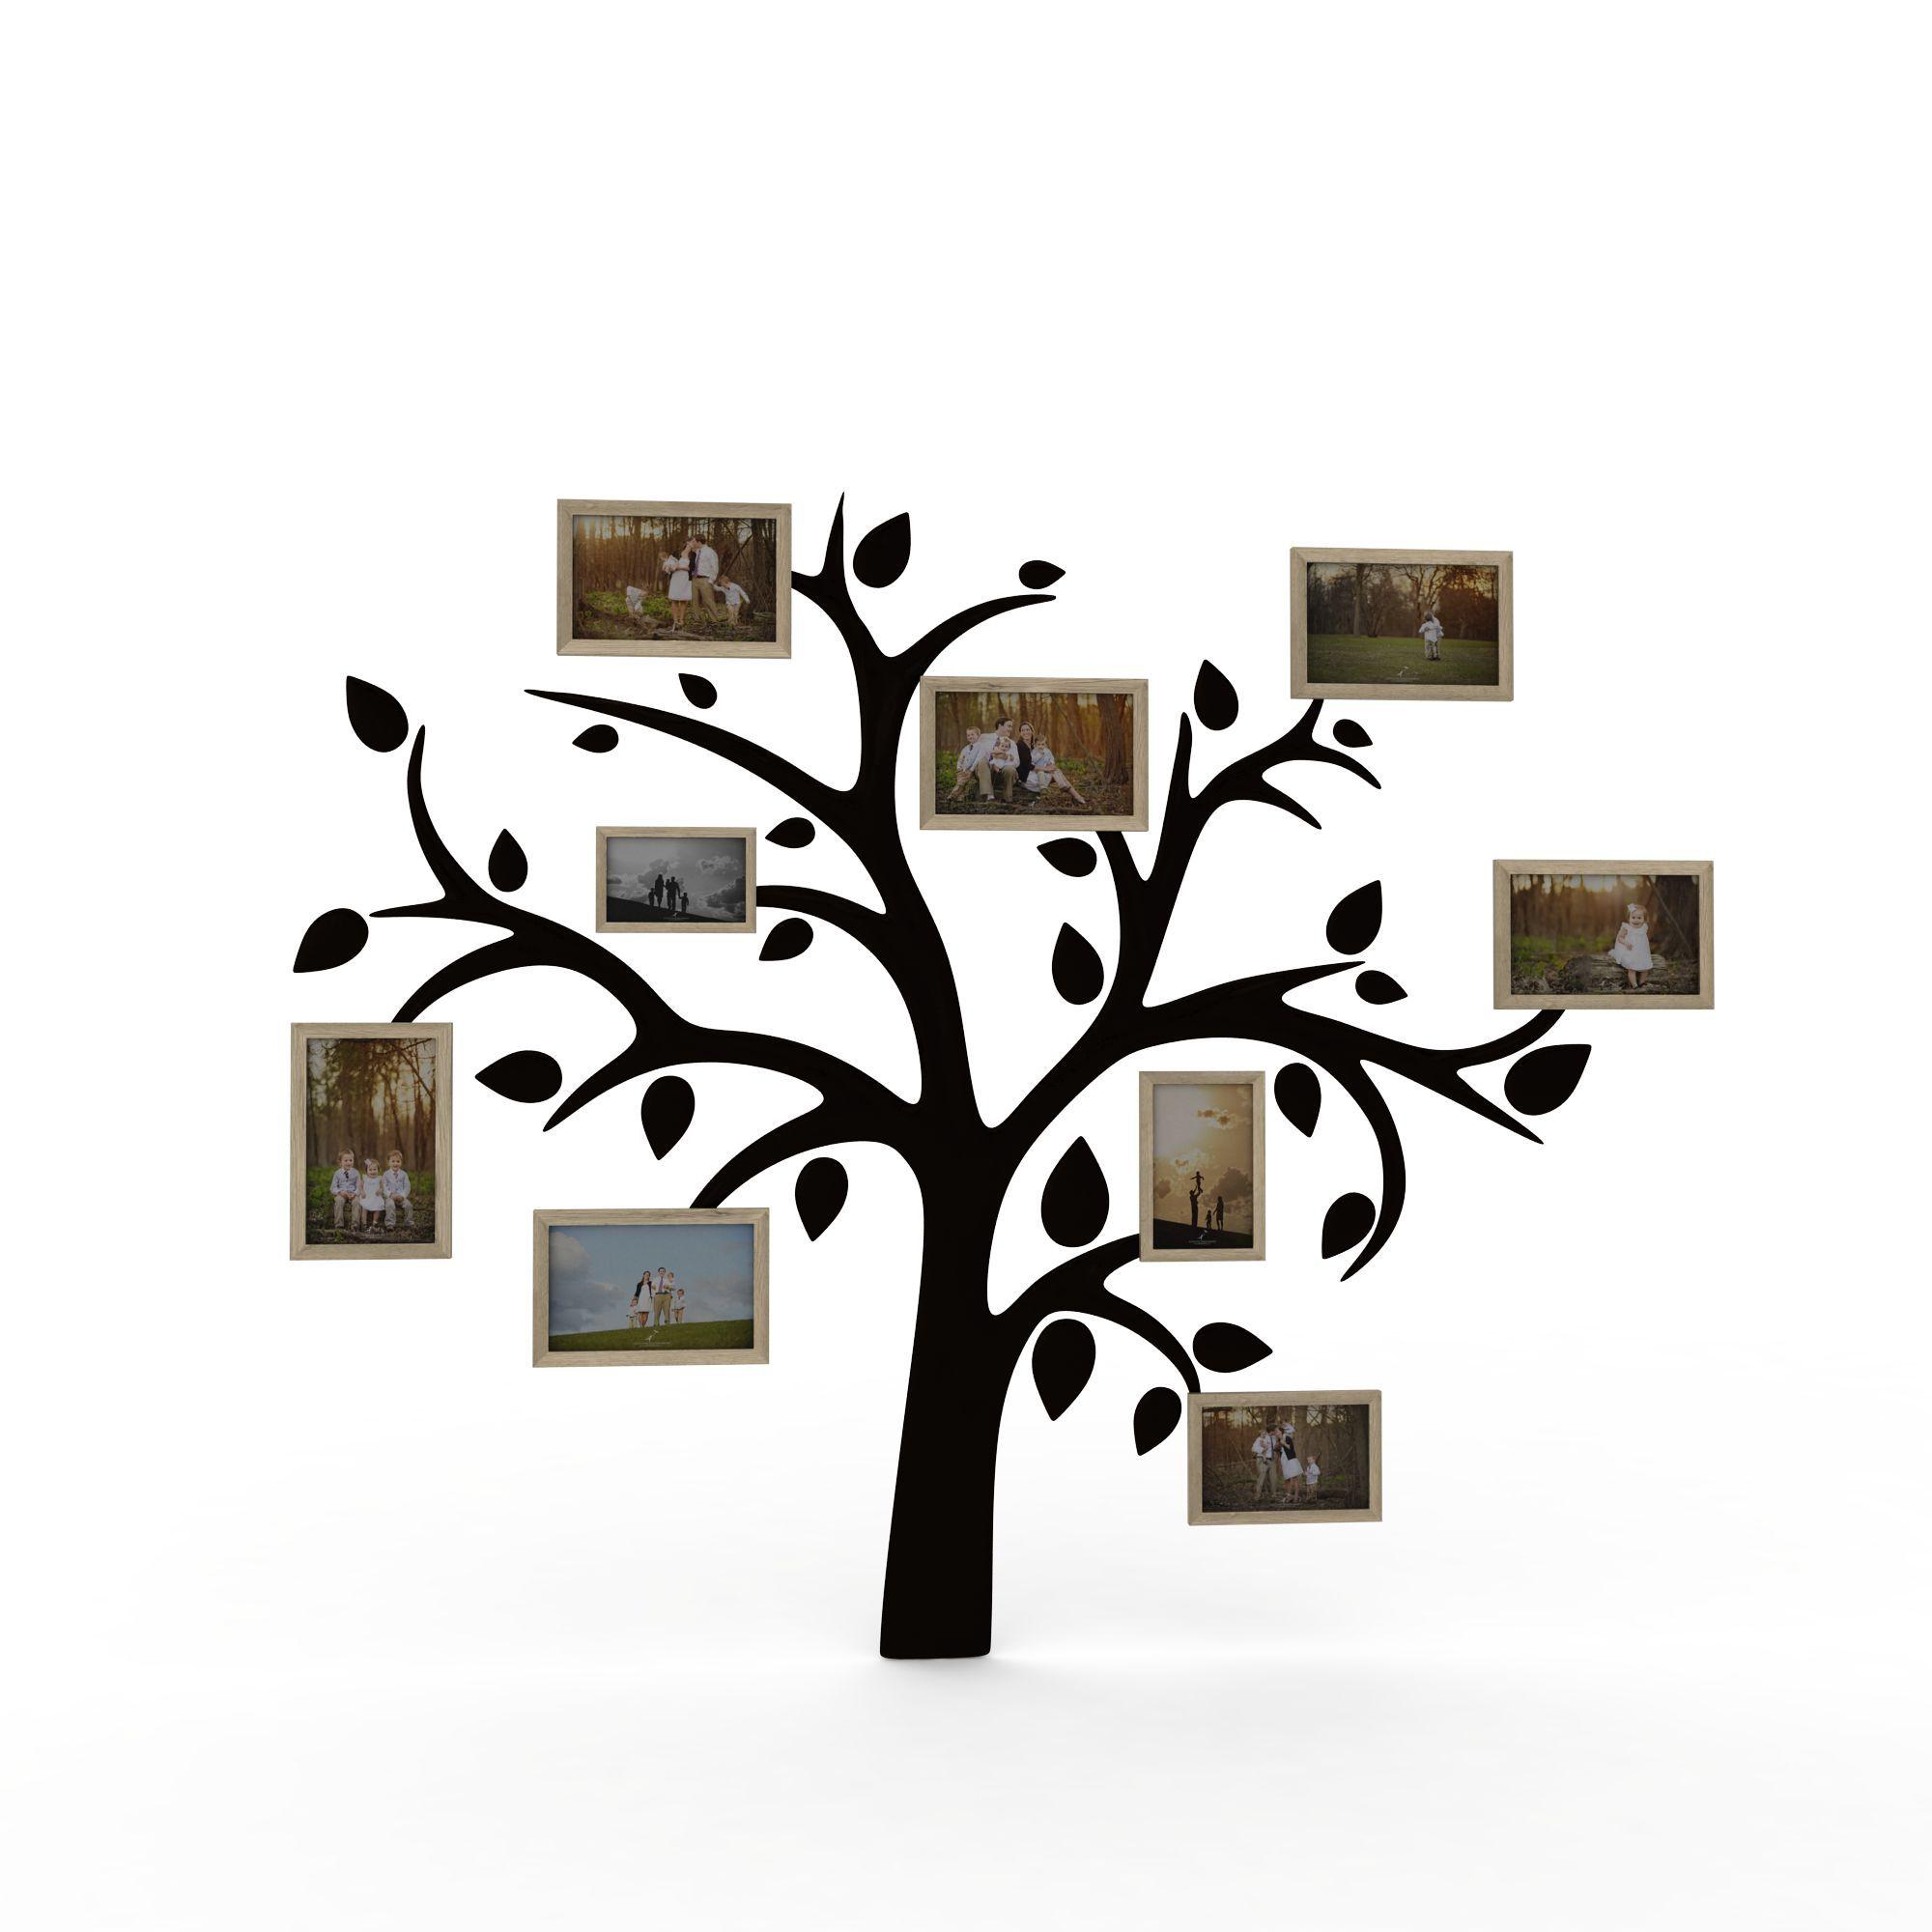 格式 png 风格 现代 上传时间 2016/01/21  关键词:造型树照片墙3d